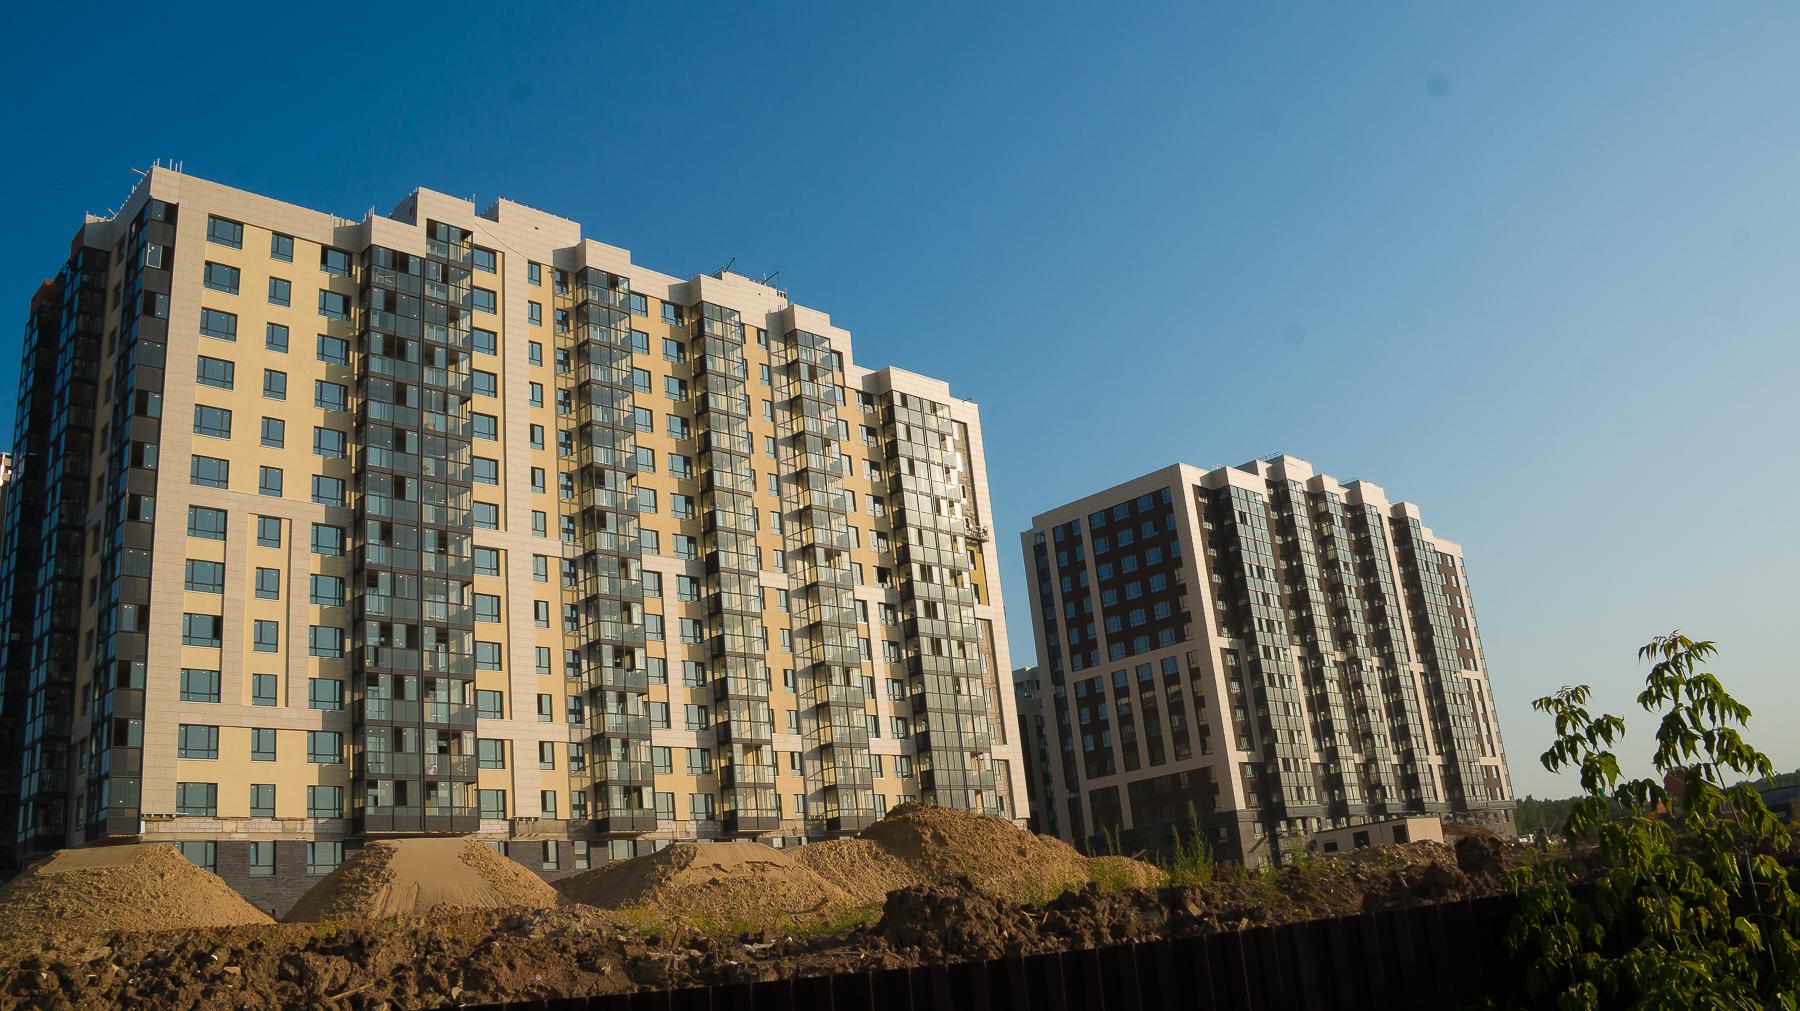 Около 4000 квартир было продано группой компаний «А101» в новой Москве с начала года